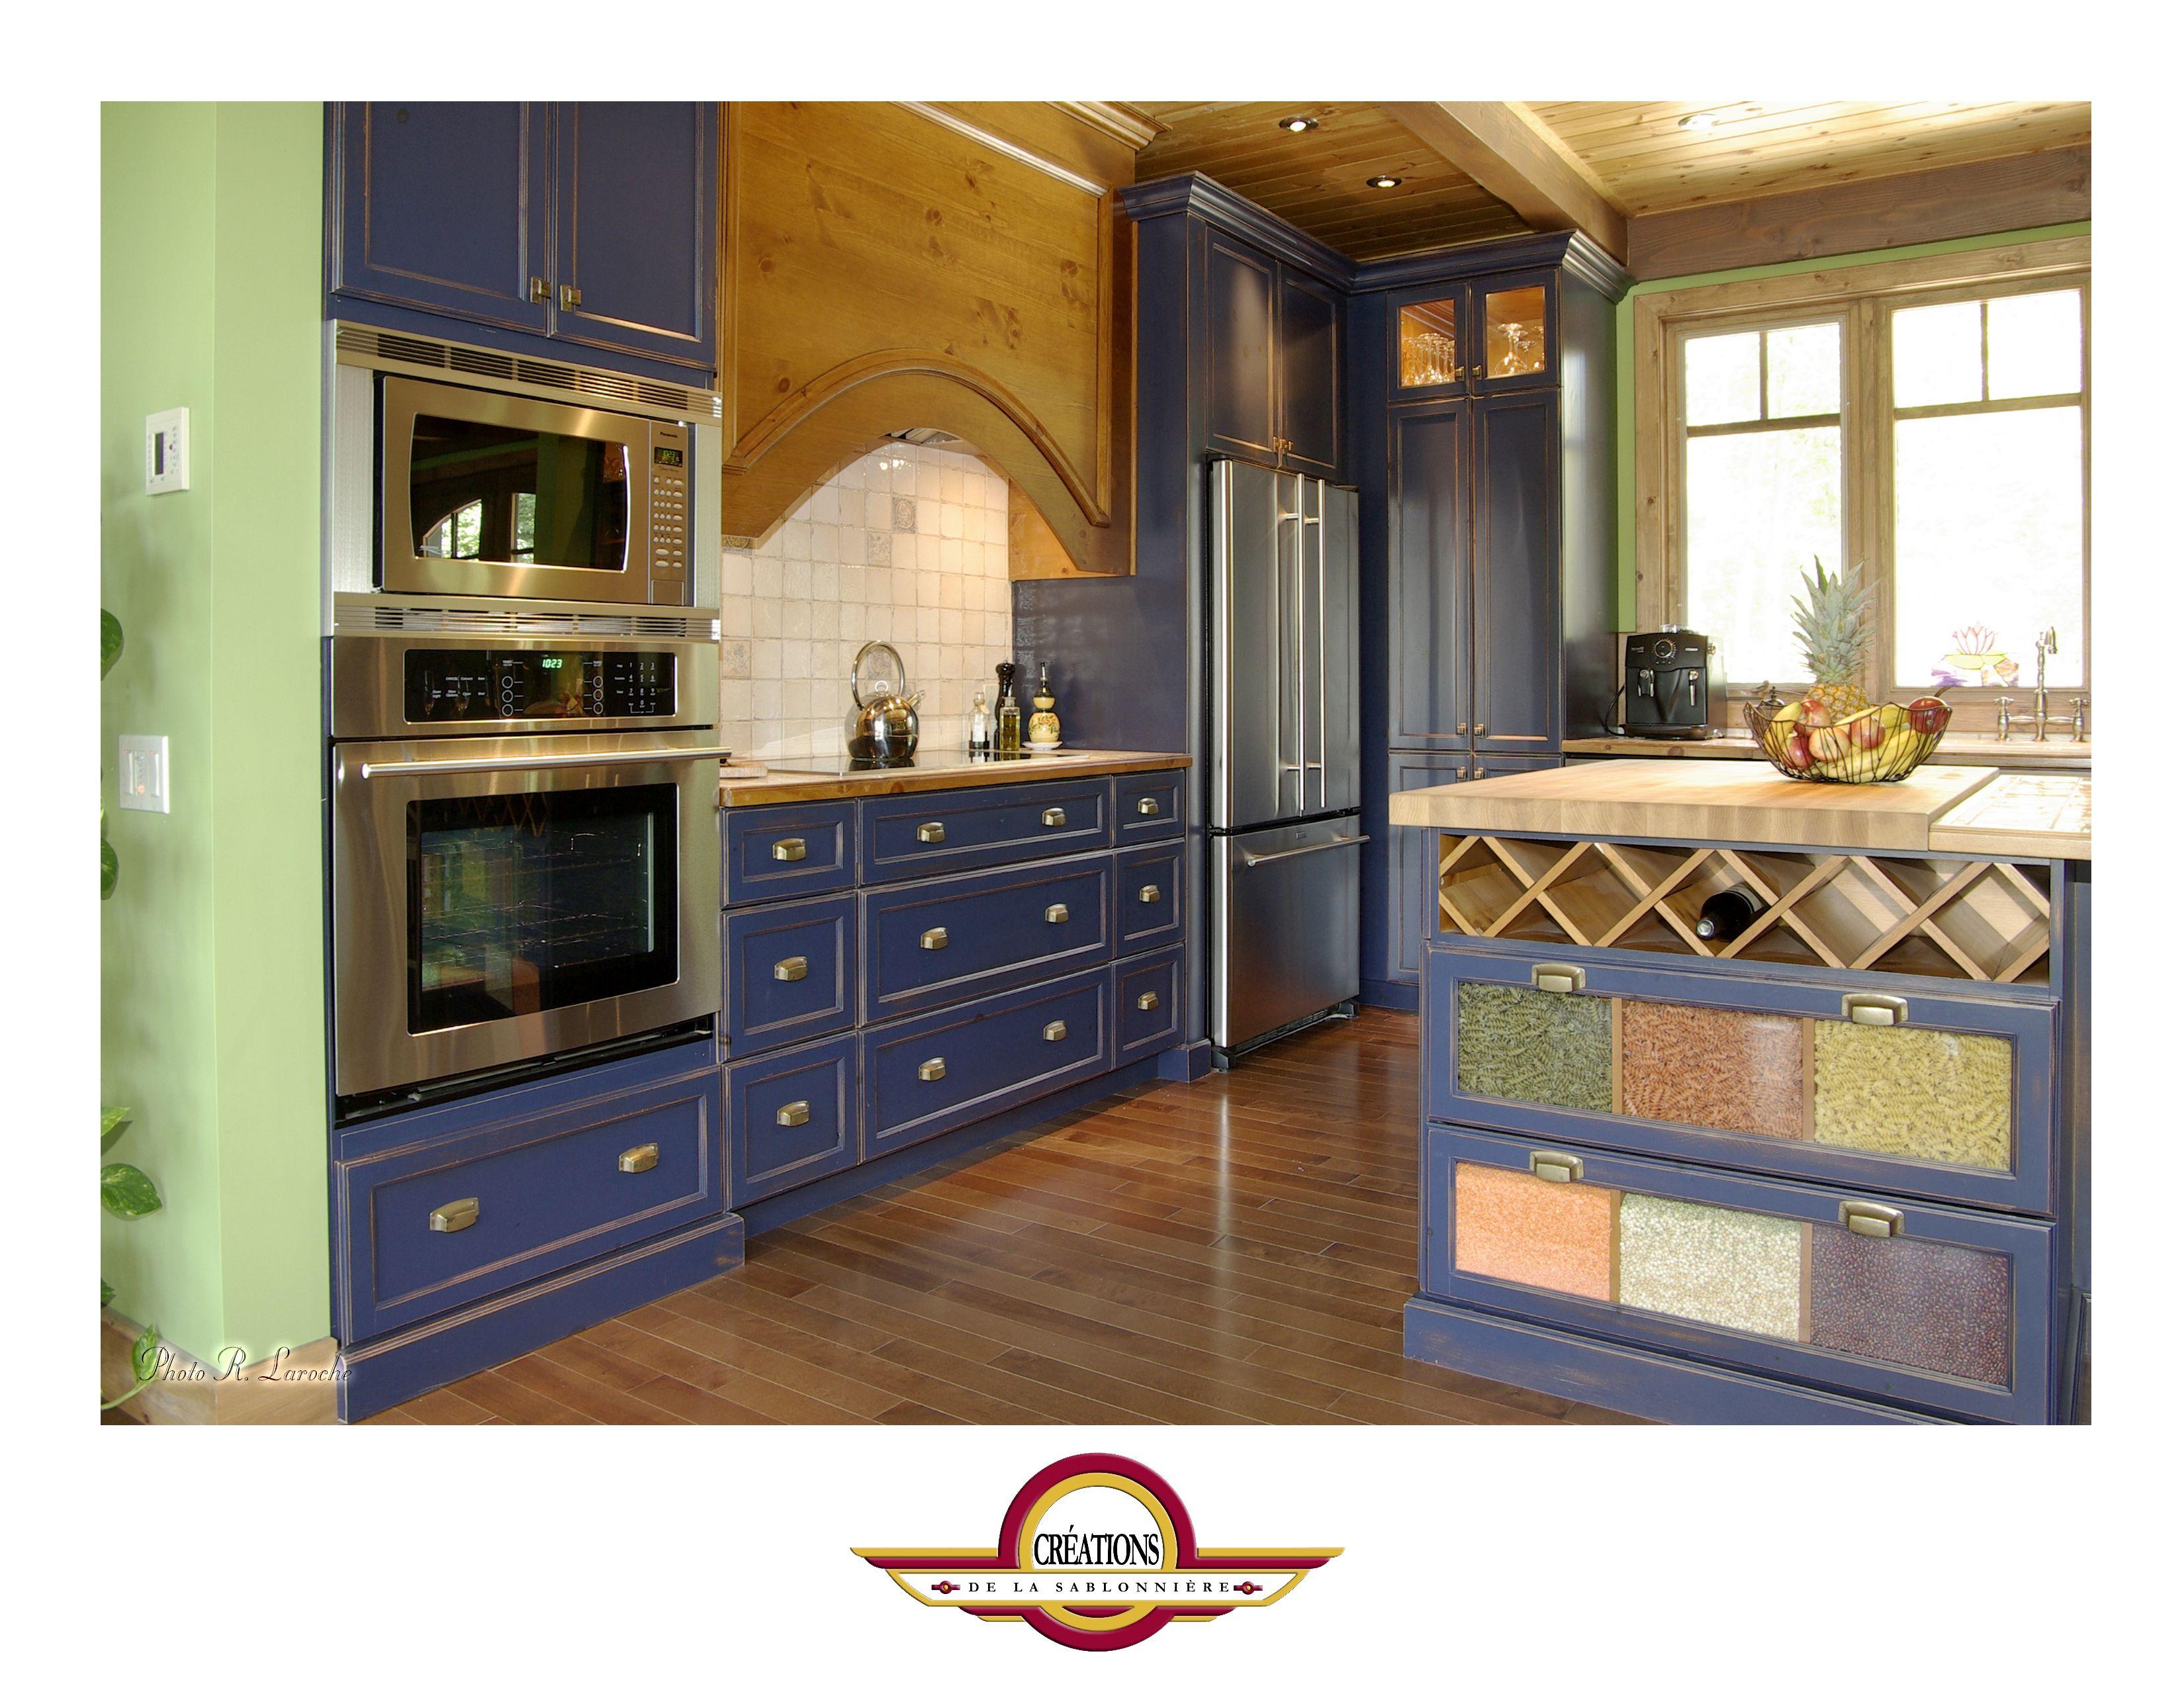 Cuisine Provencale Blanche Et Bleue armoire de cuisine de couleur bleu provence avec les façades